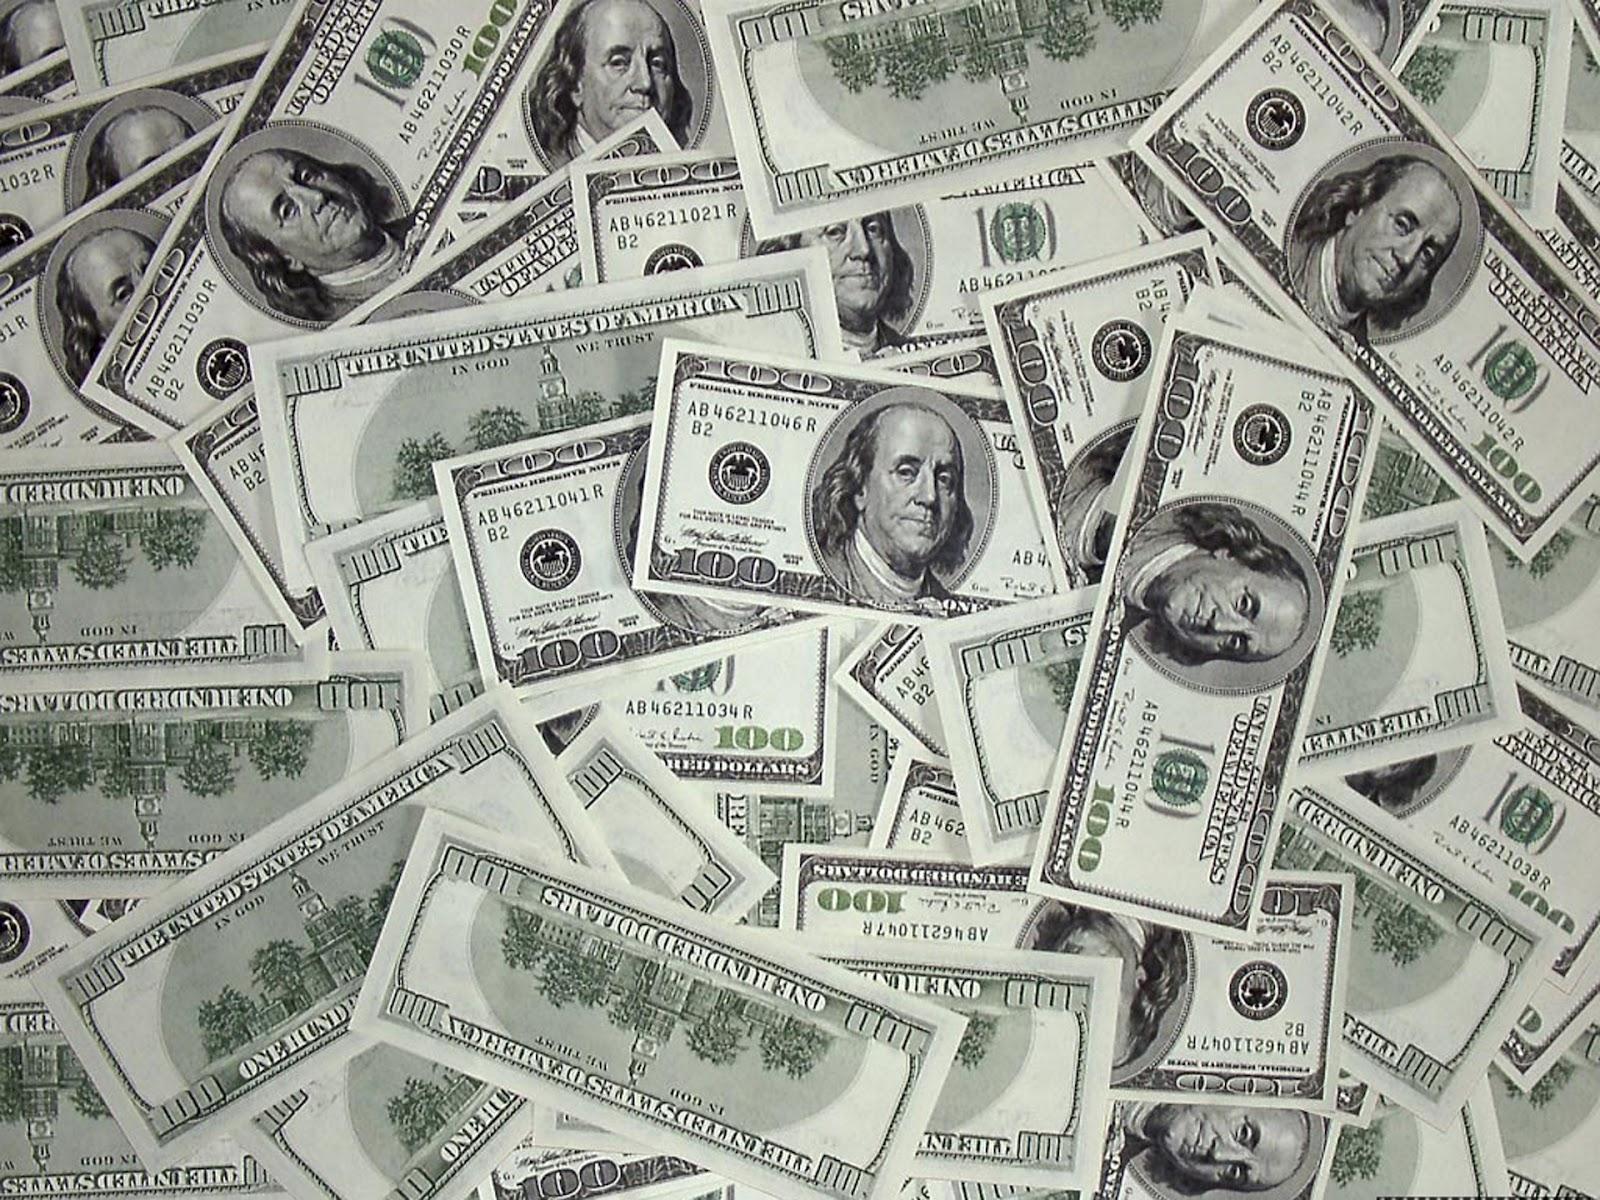 Cash loans online aus picture 9